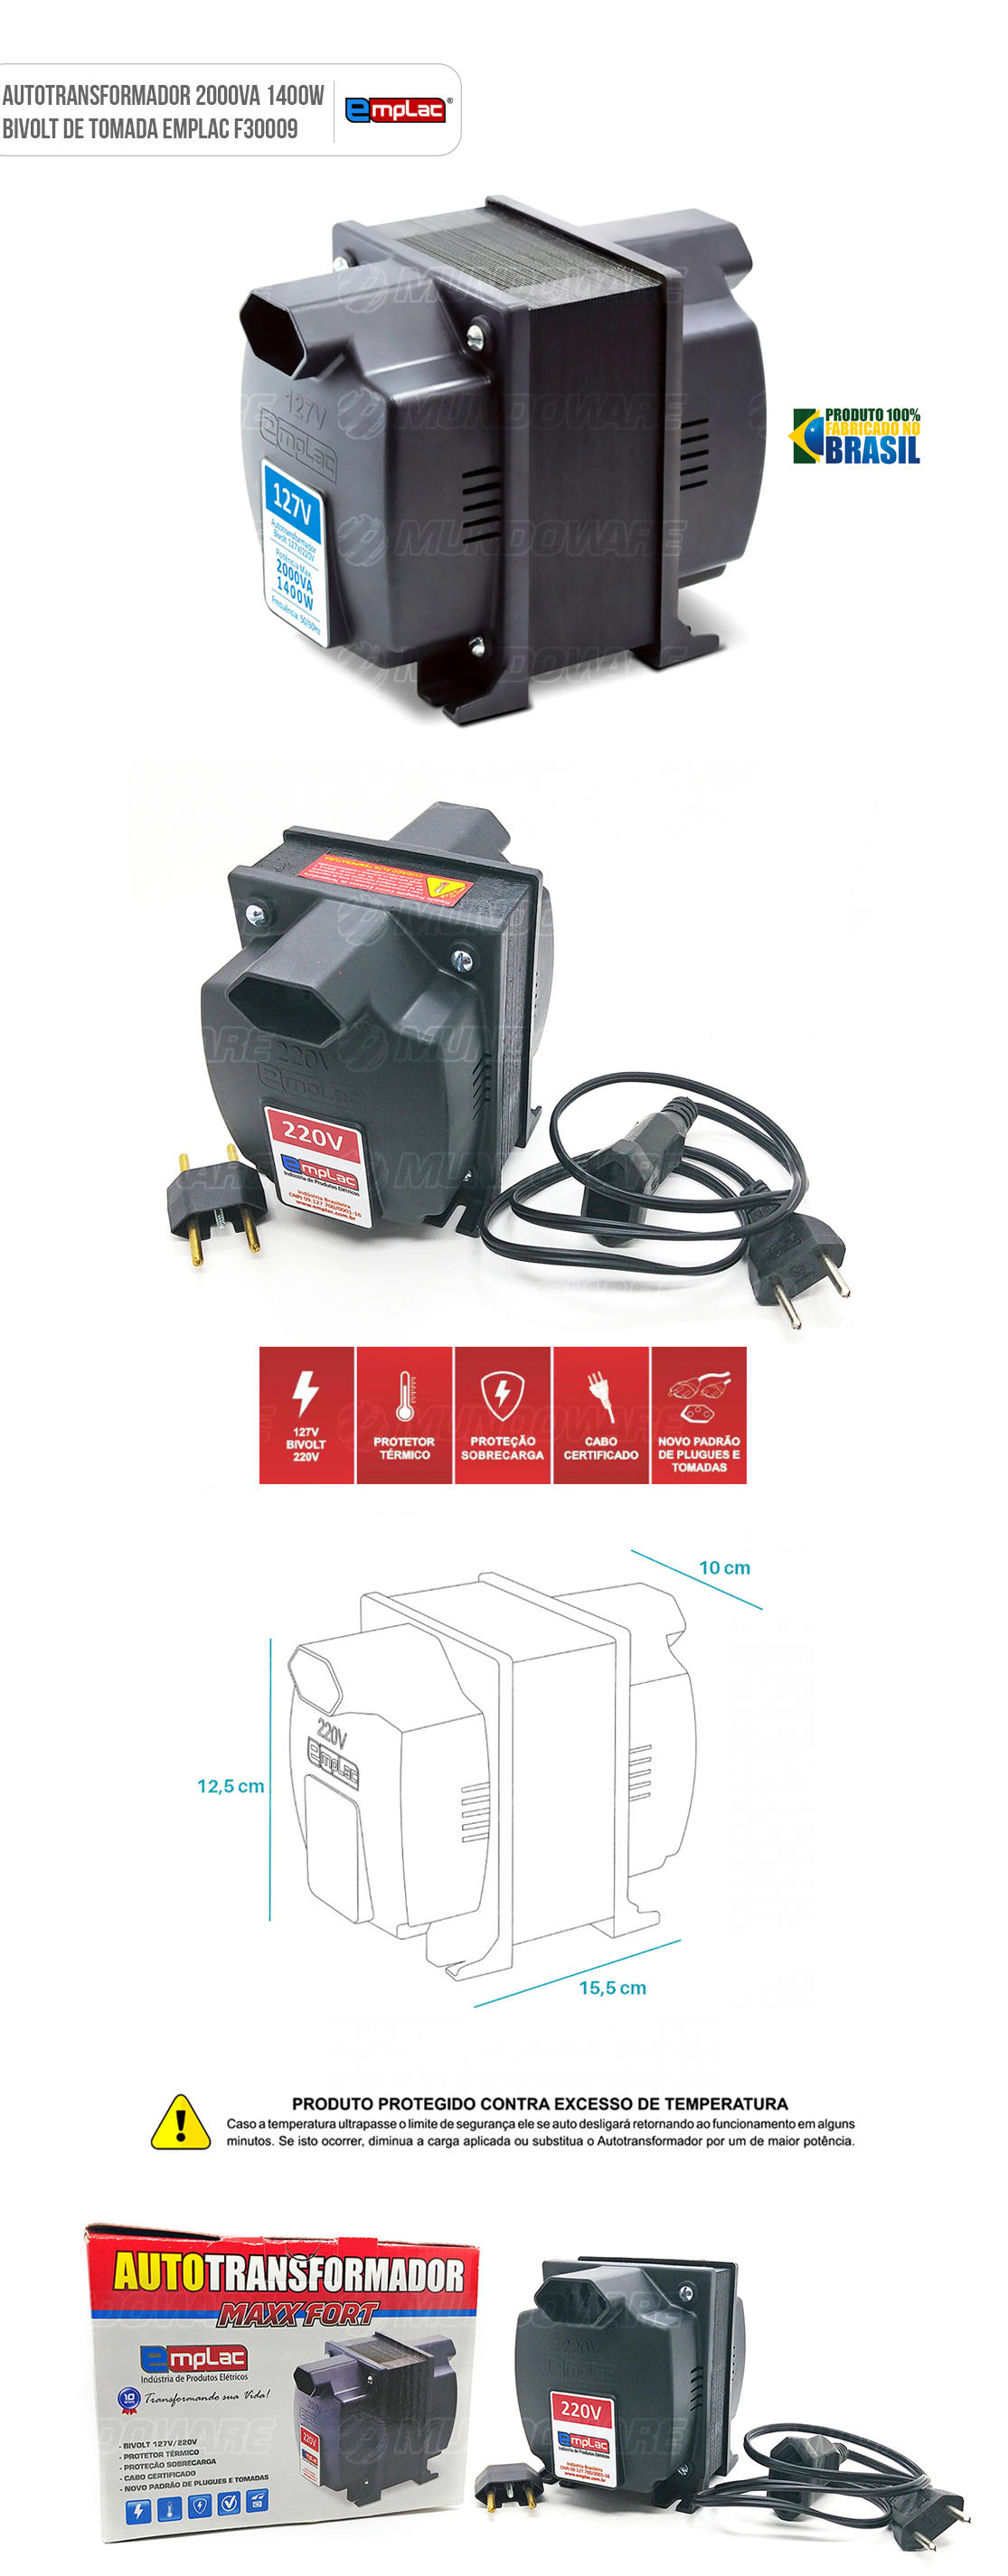 Auto transformador de tomada 2000VA 1400W Bivolt com Protetor Térmico e Proteção contra sobrecarga